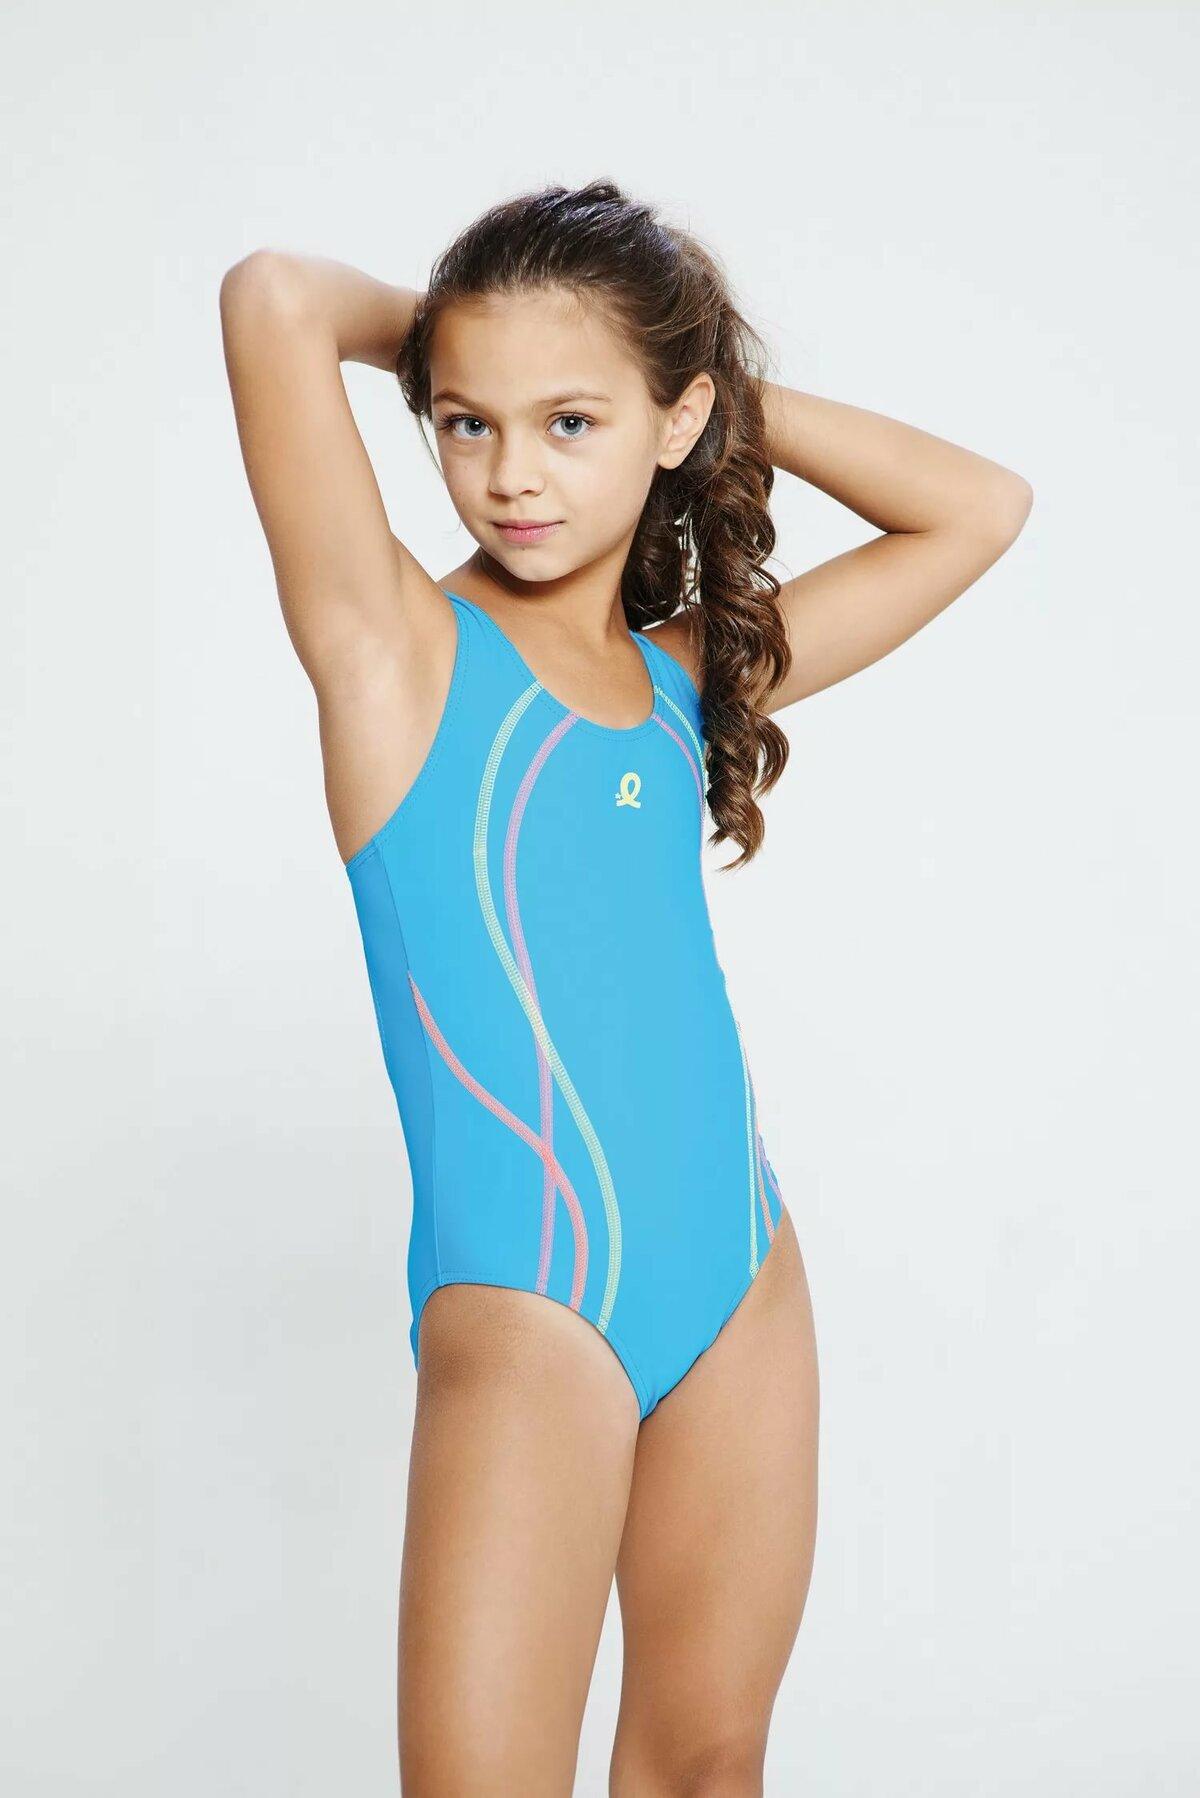 фото детей девочек в купальниках